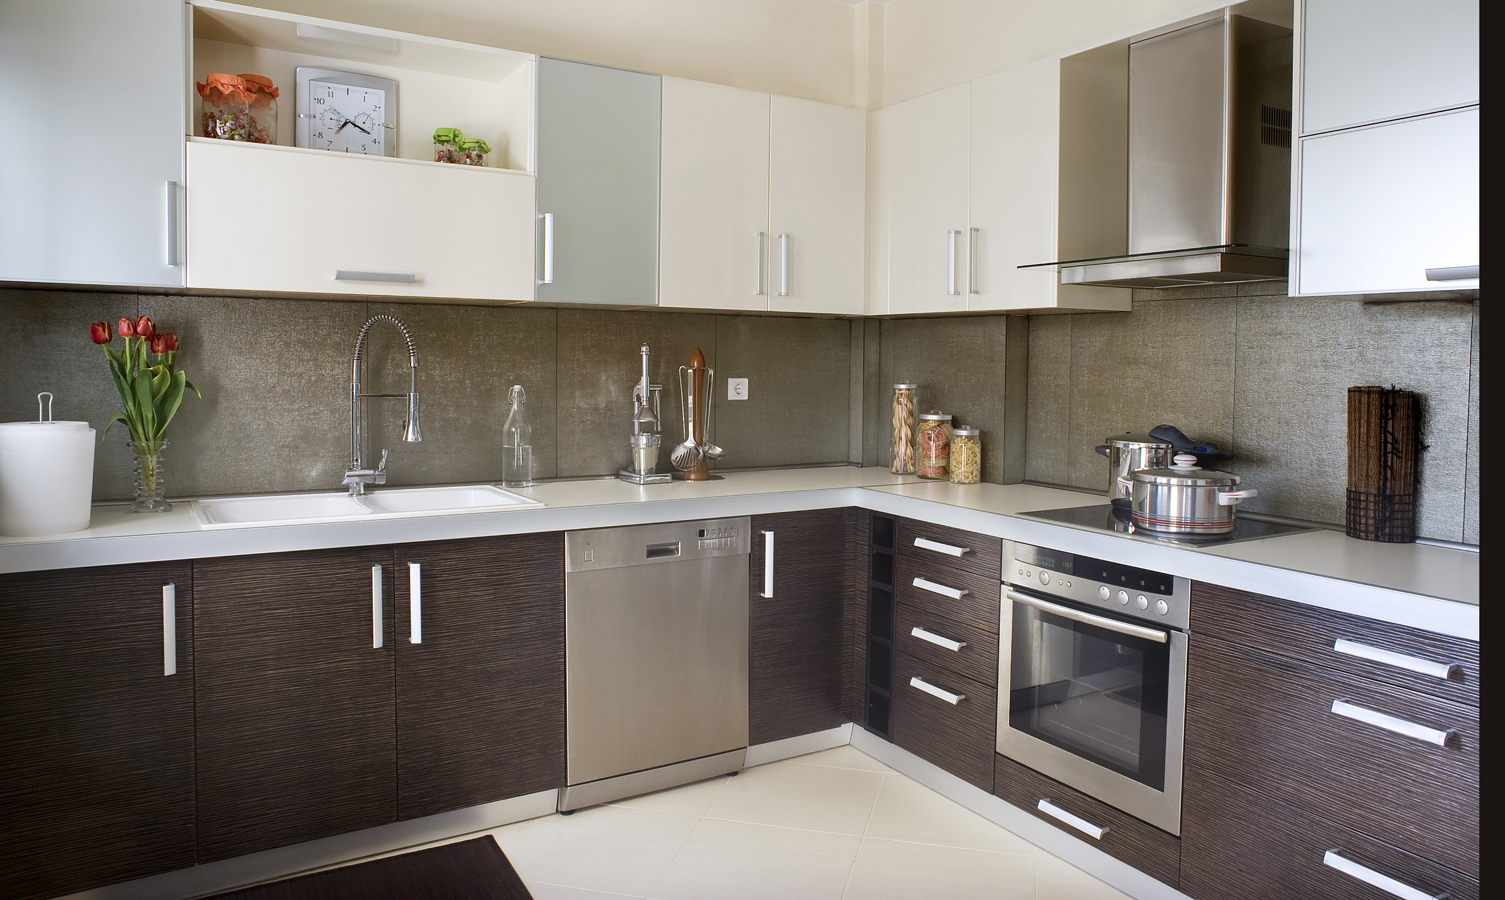 Cuisine id es d coration et peinture - Lo ultimo en cocinas modernas ...